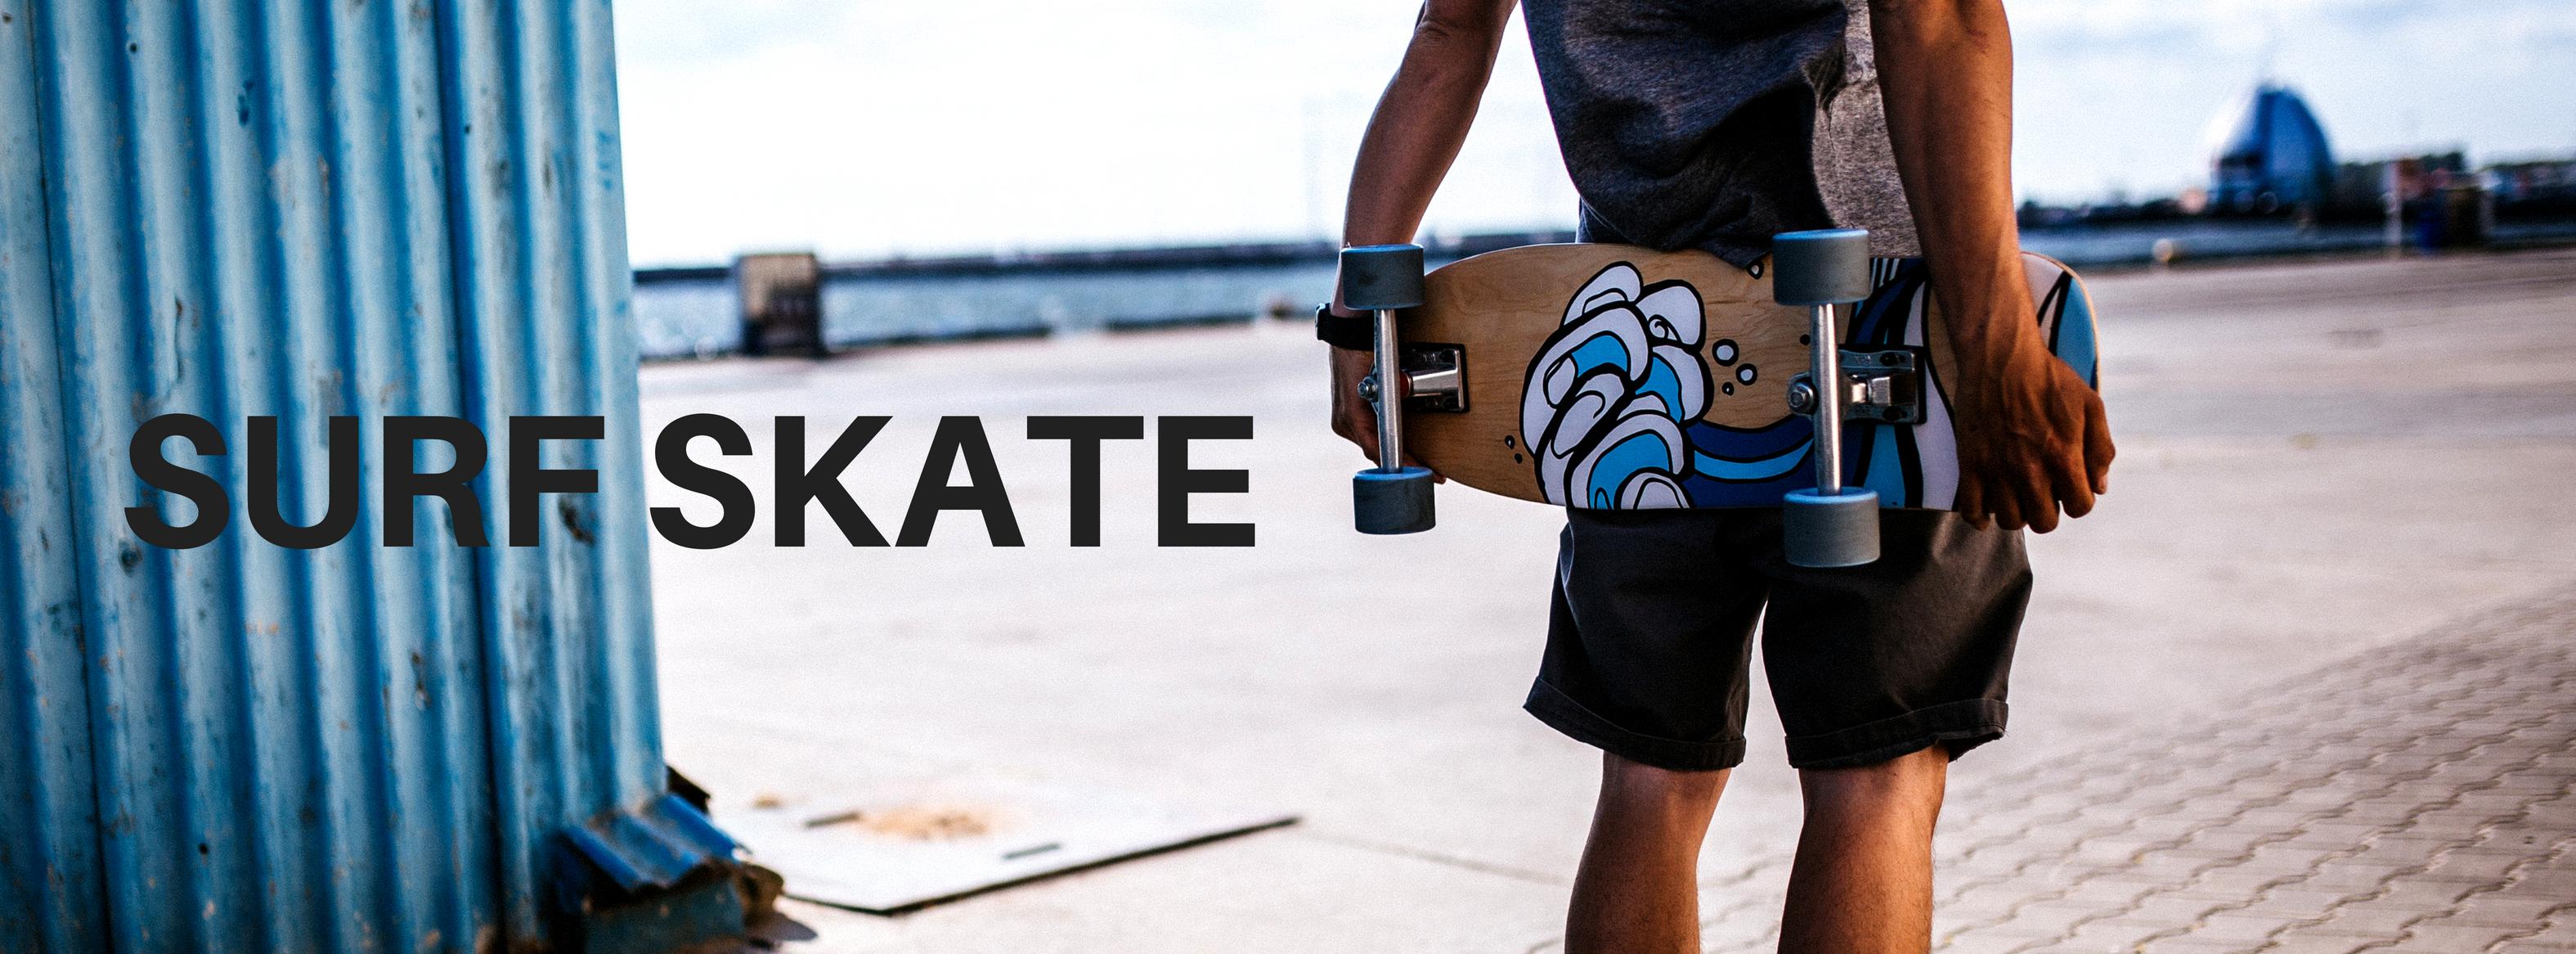 Surf Skate.jpg